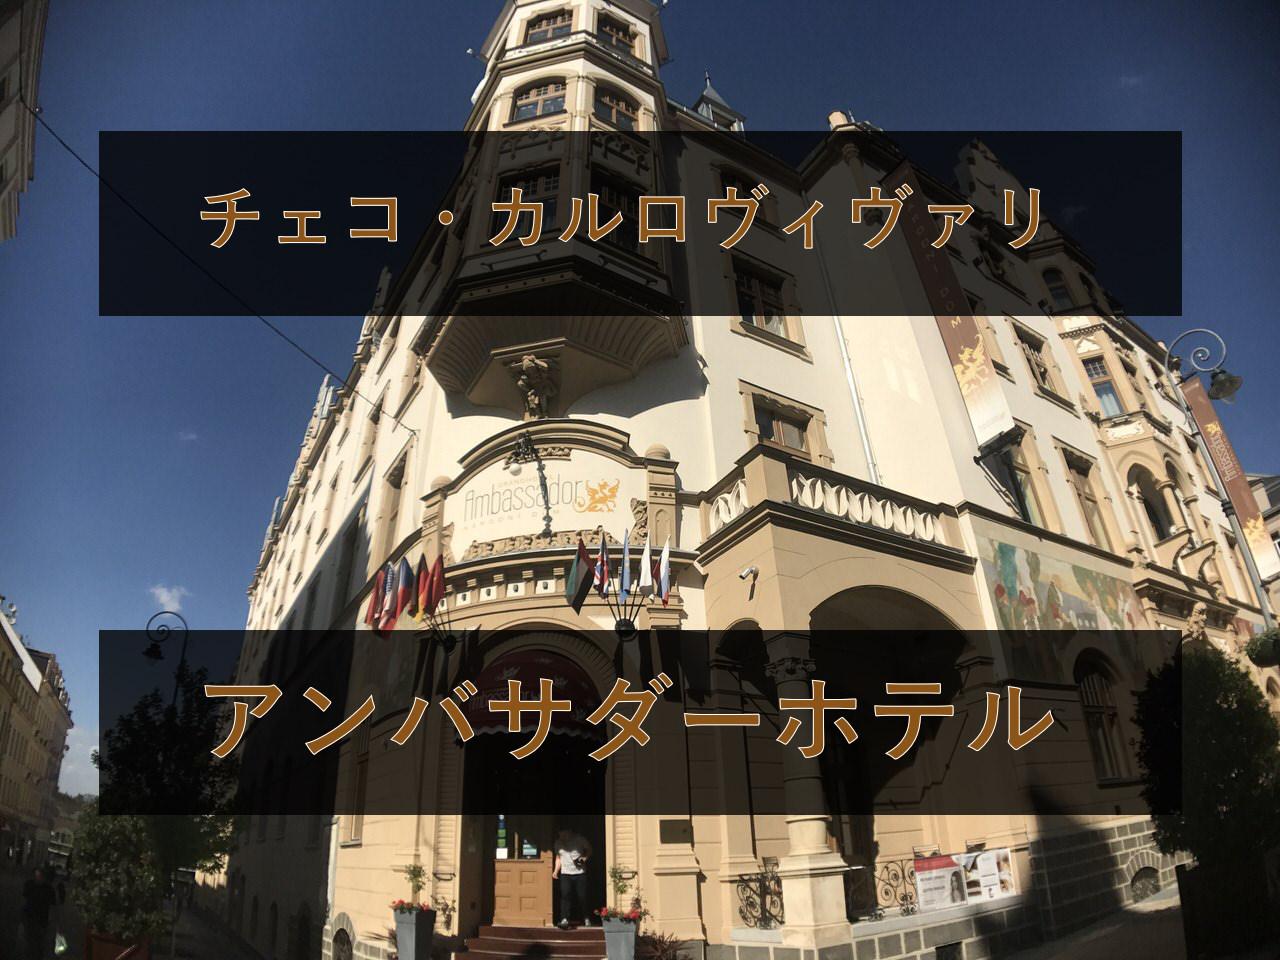 「グランドホテル アンバサダー ナロドニ ドゥム(Grandhotel Ambassador Narodni Dum)」 #カルロヴィヴァリ で宿泊したホテル #チェコへ行こう #visitCzech